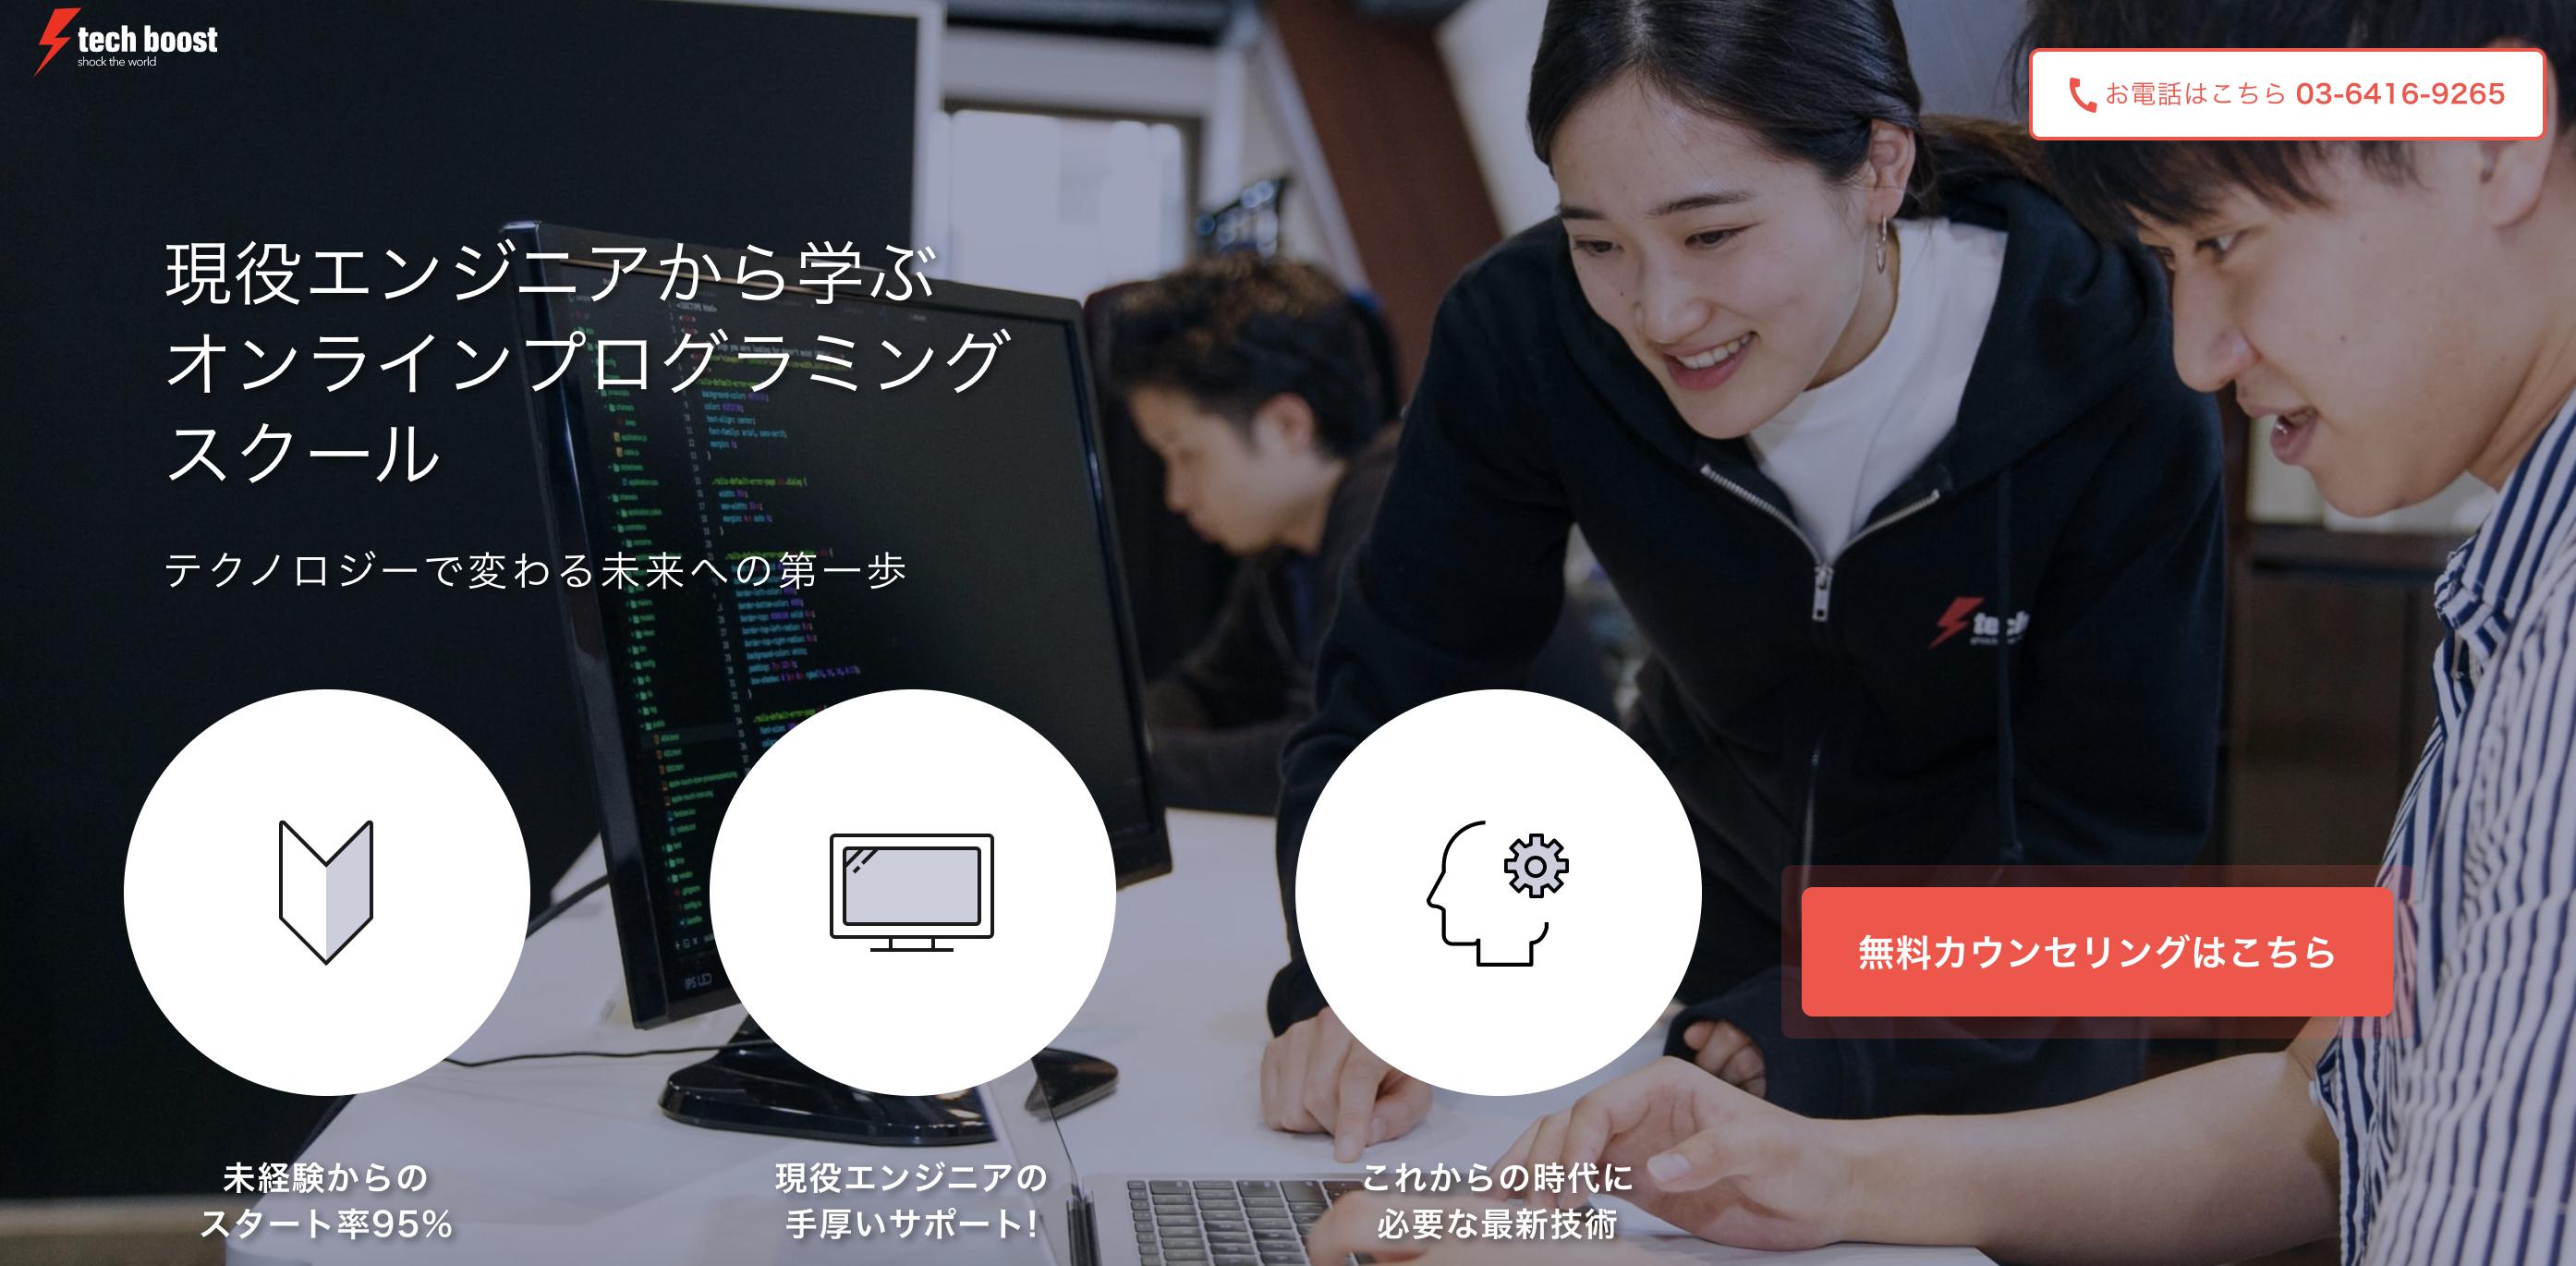 現役エンジニアから学ぶオンラインプログラミングスクールのtech boost